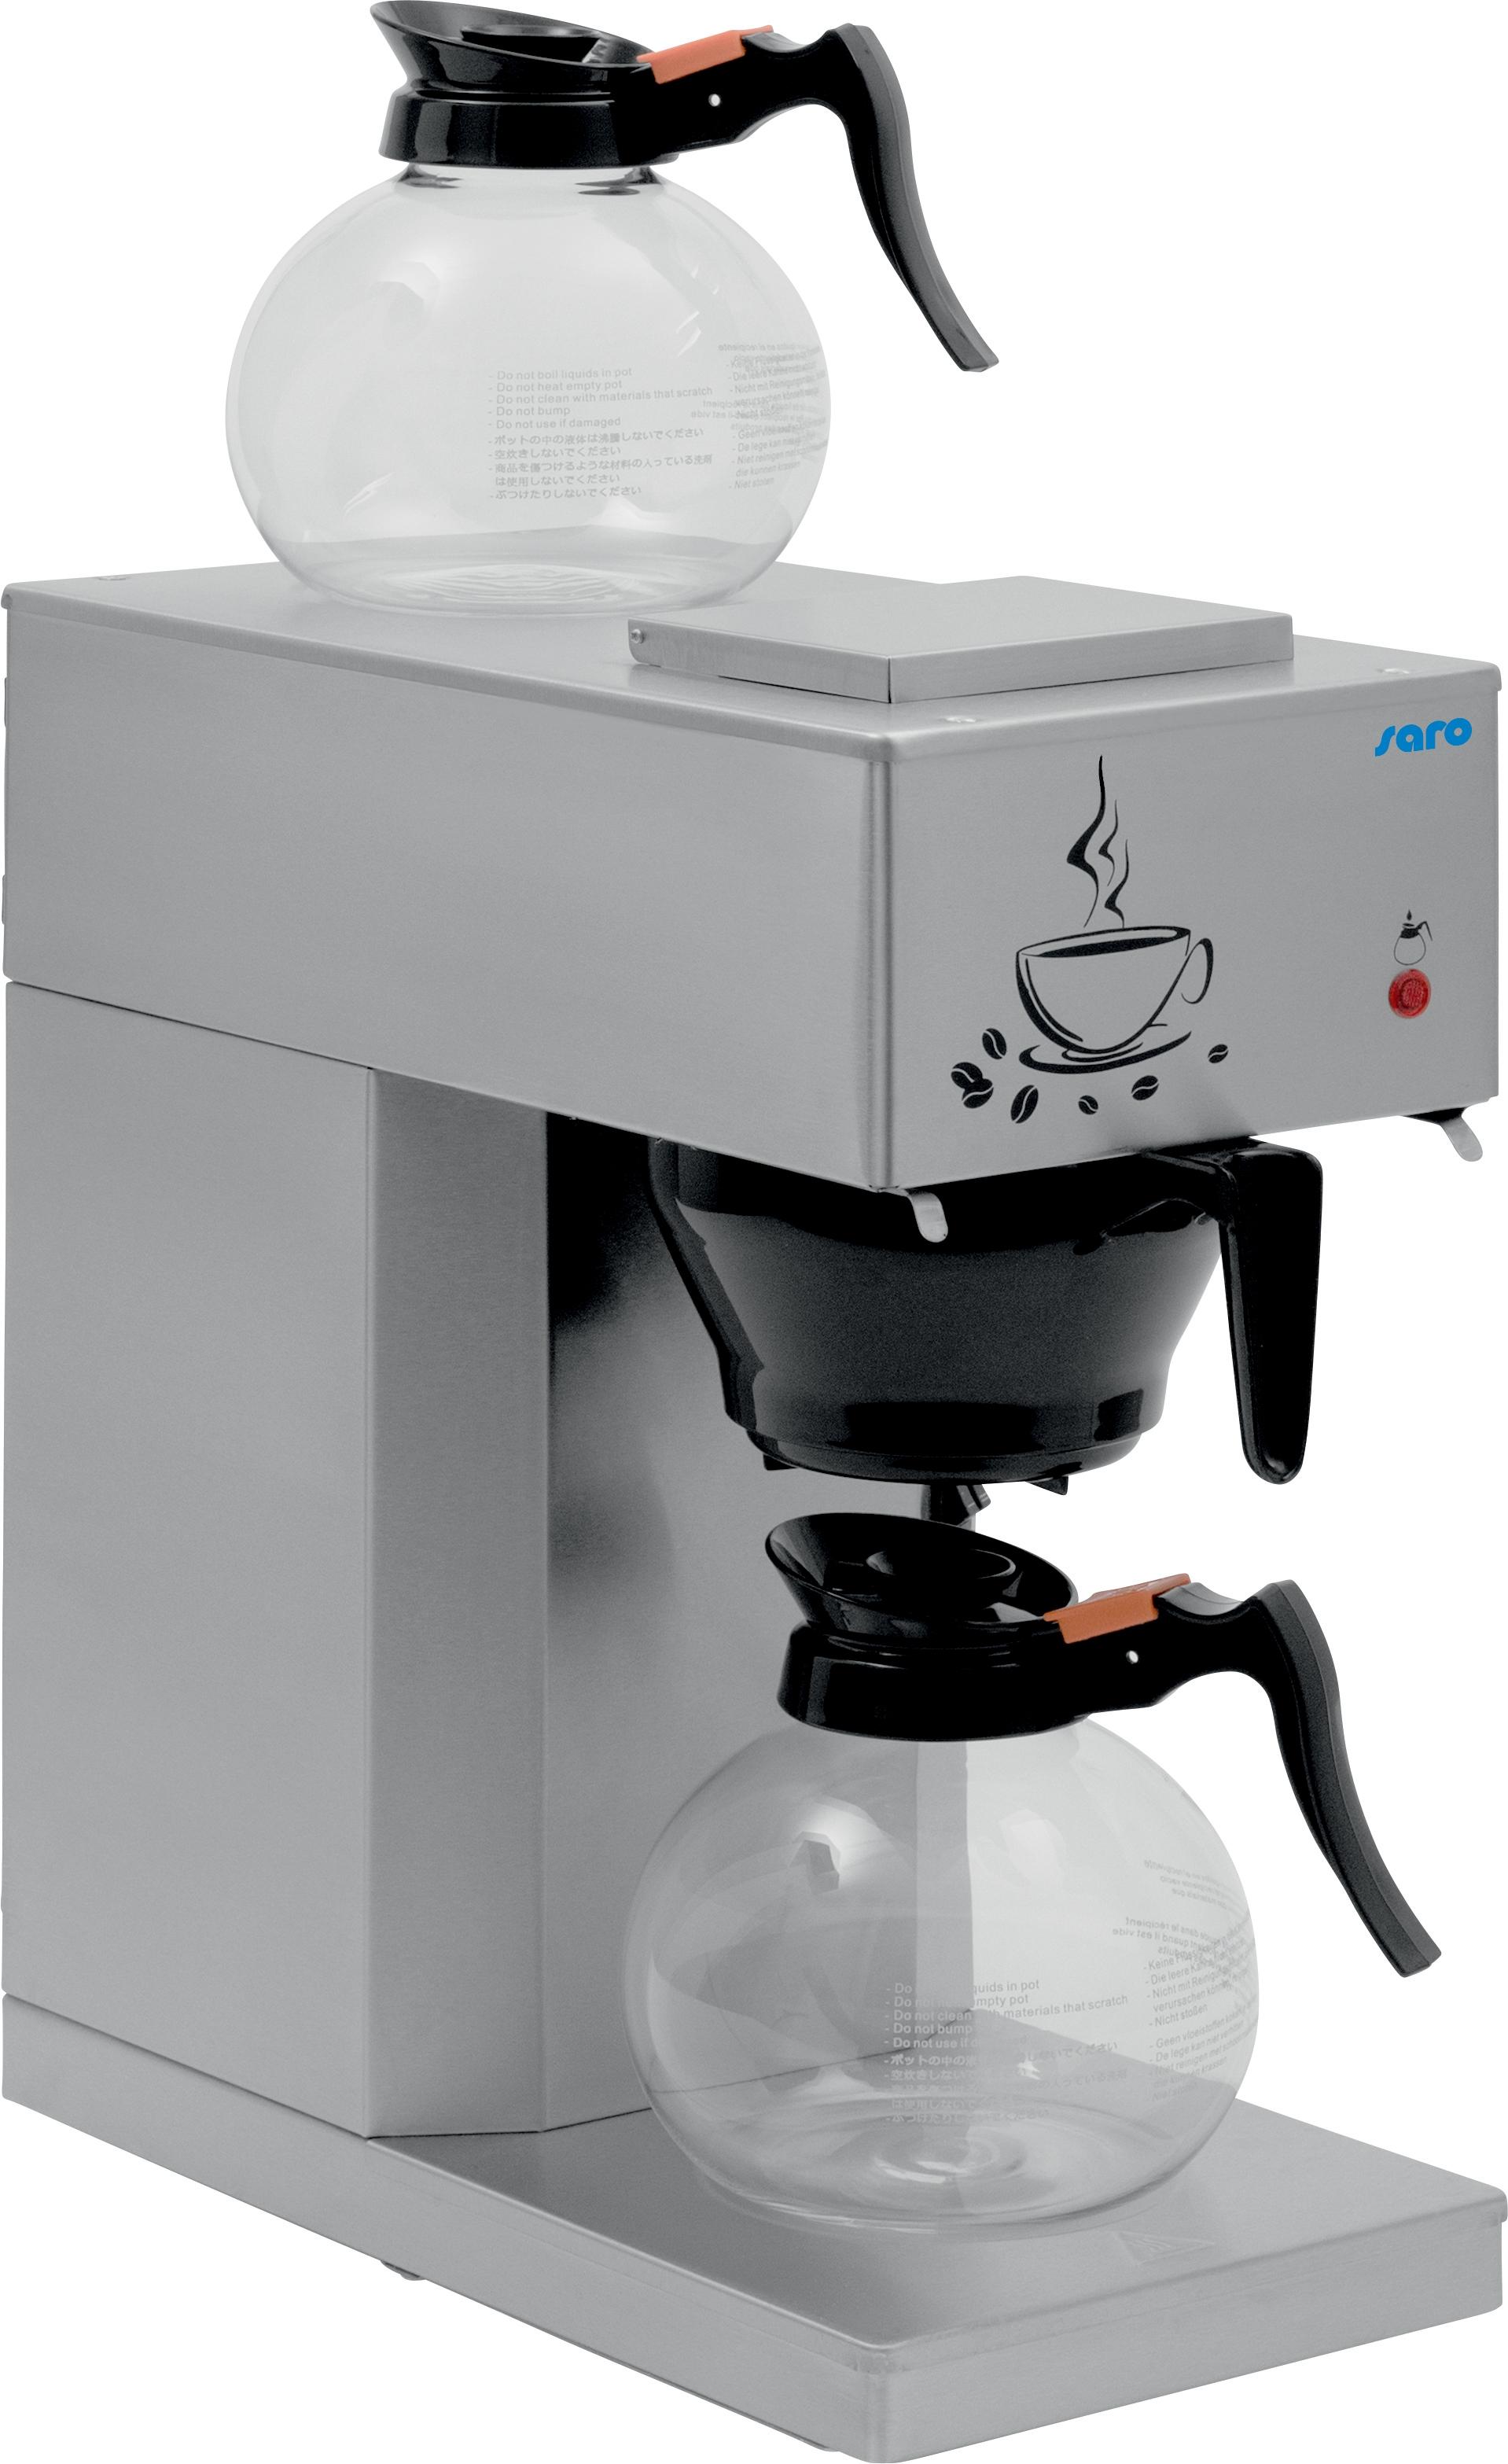 Kaffe udstyr